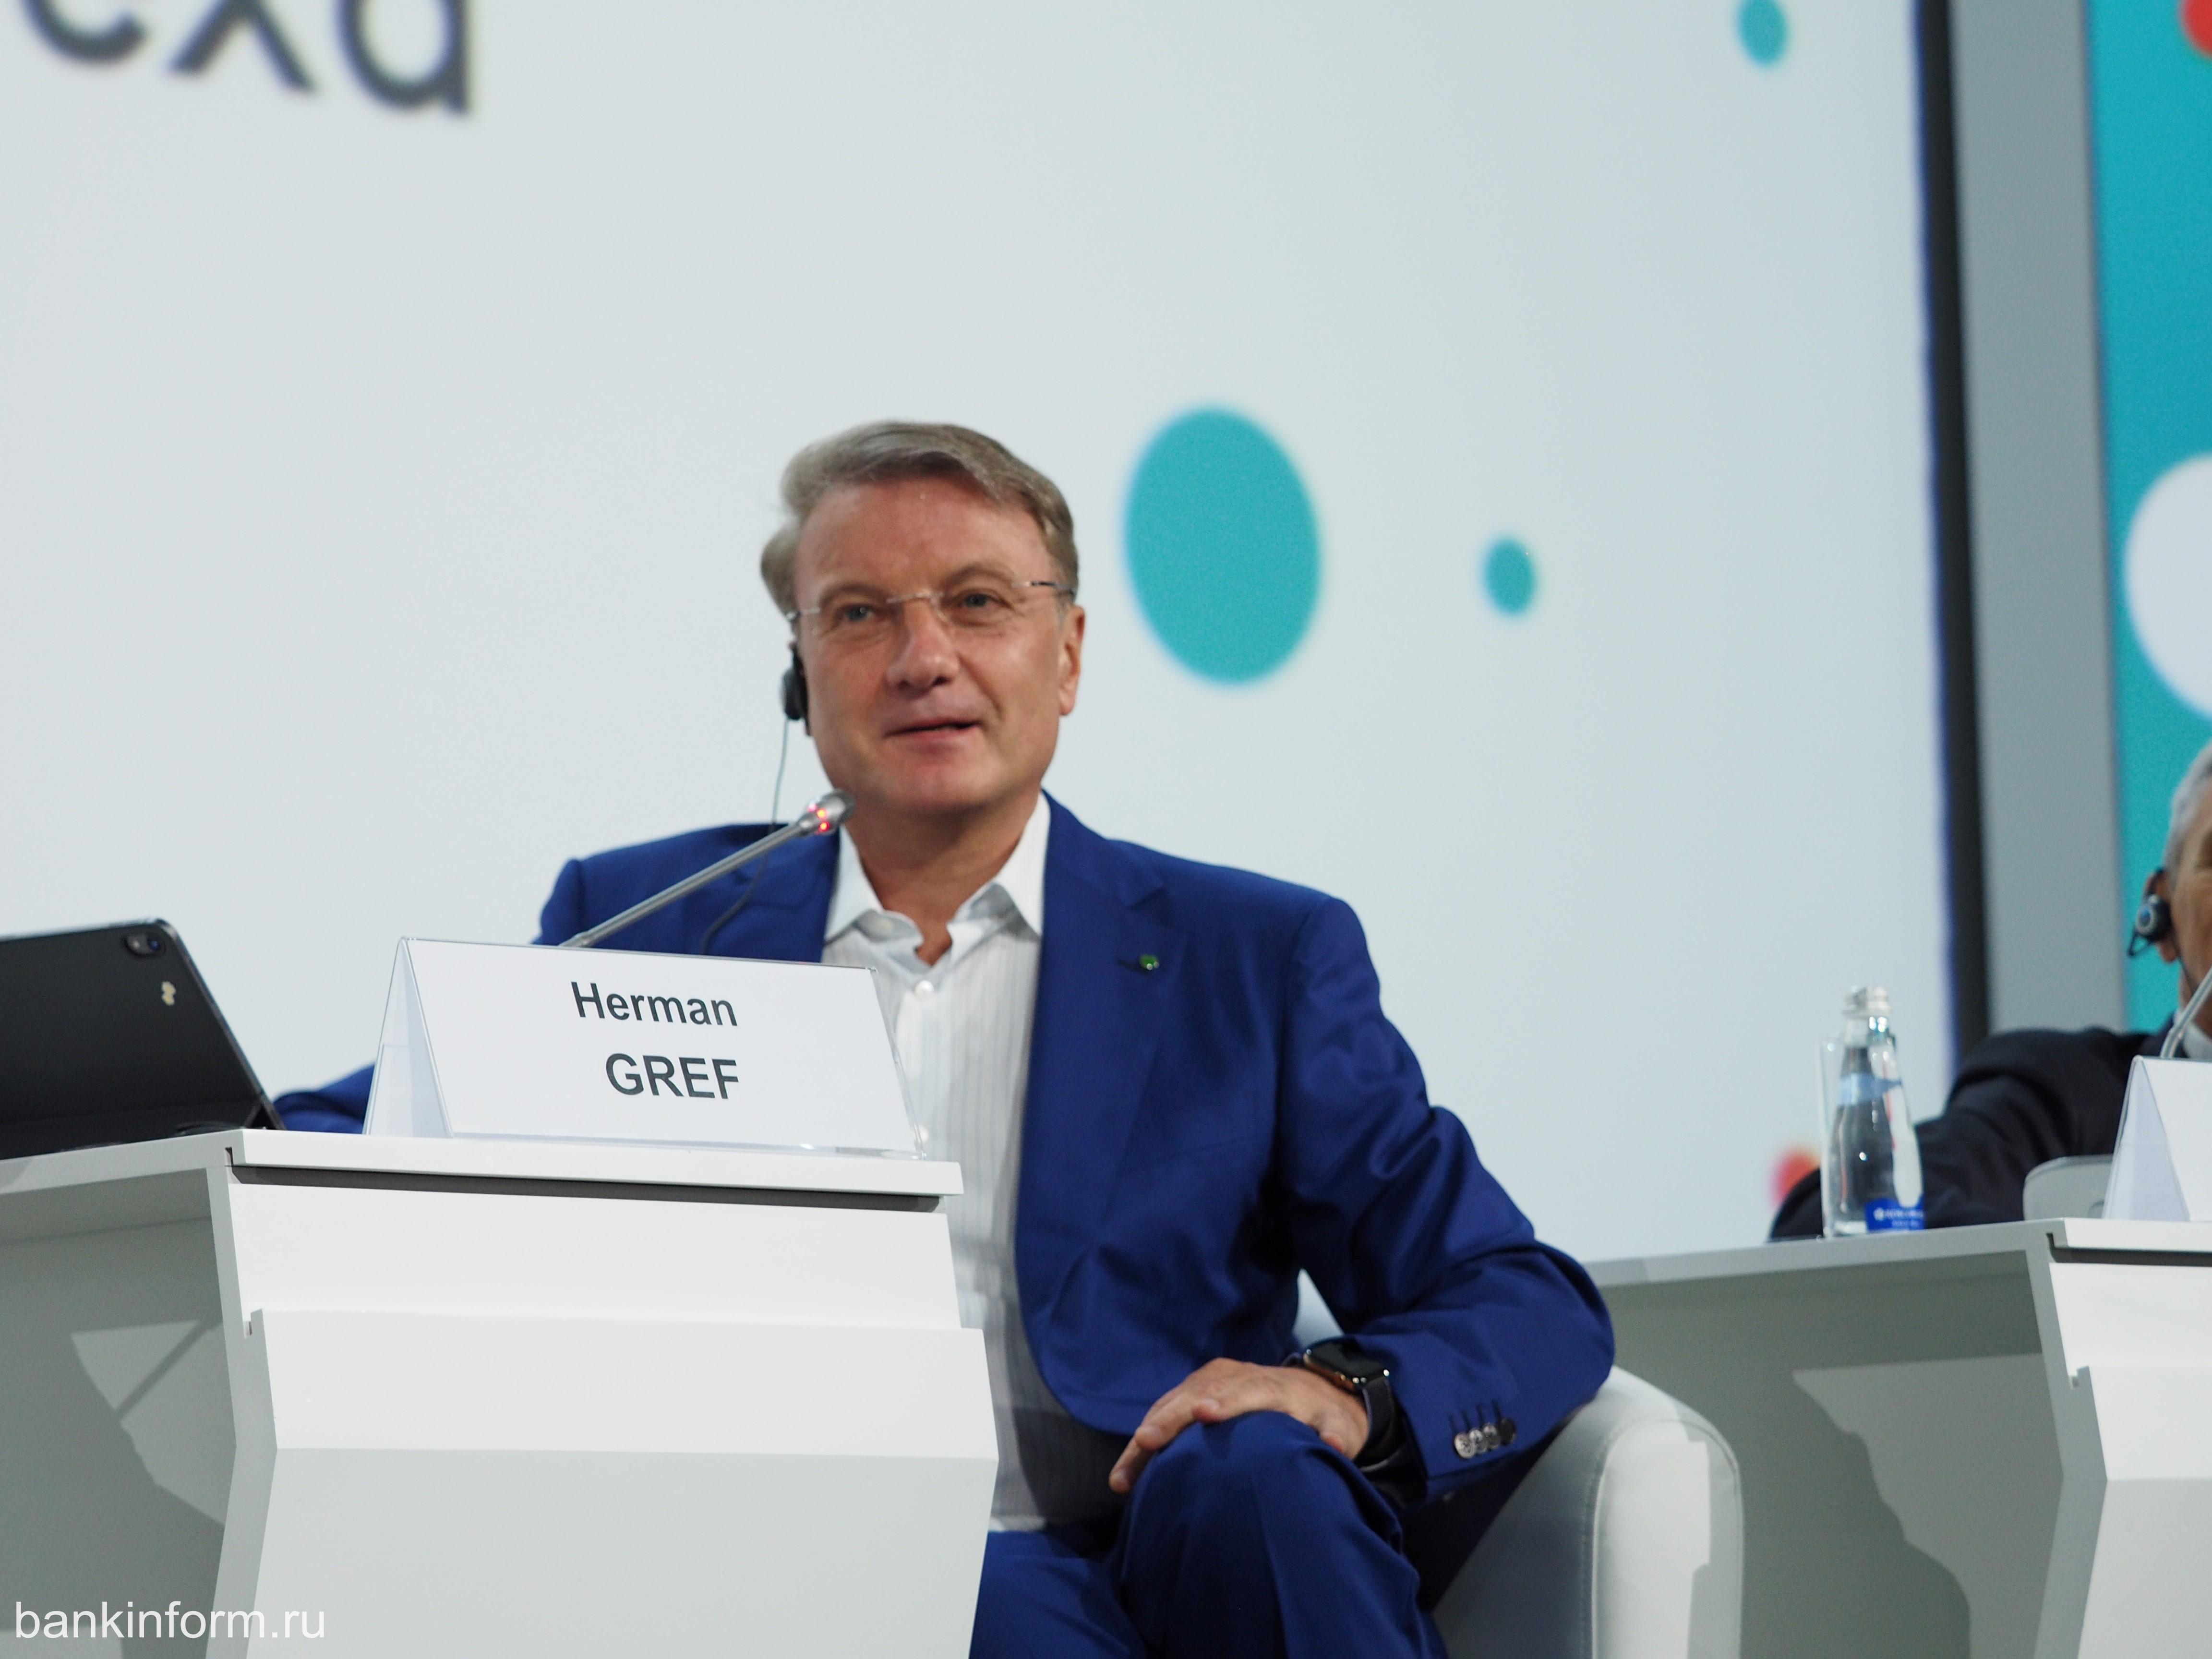 Герман Греф ожидает снижения ипотечных ставок